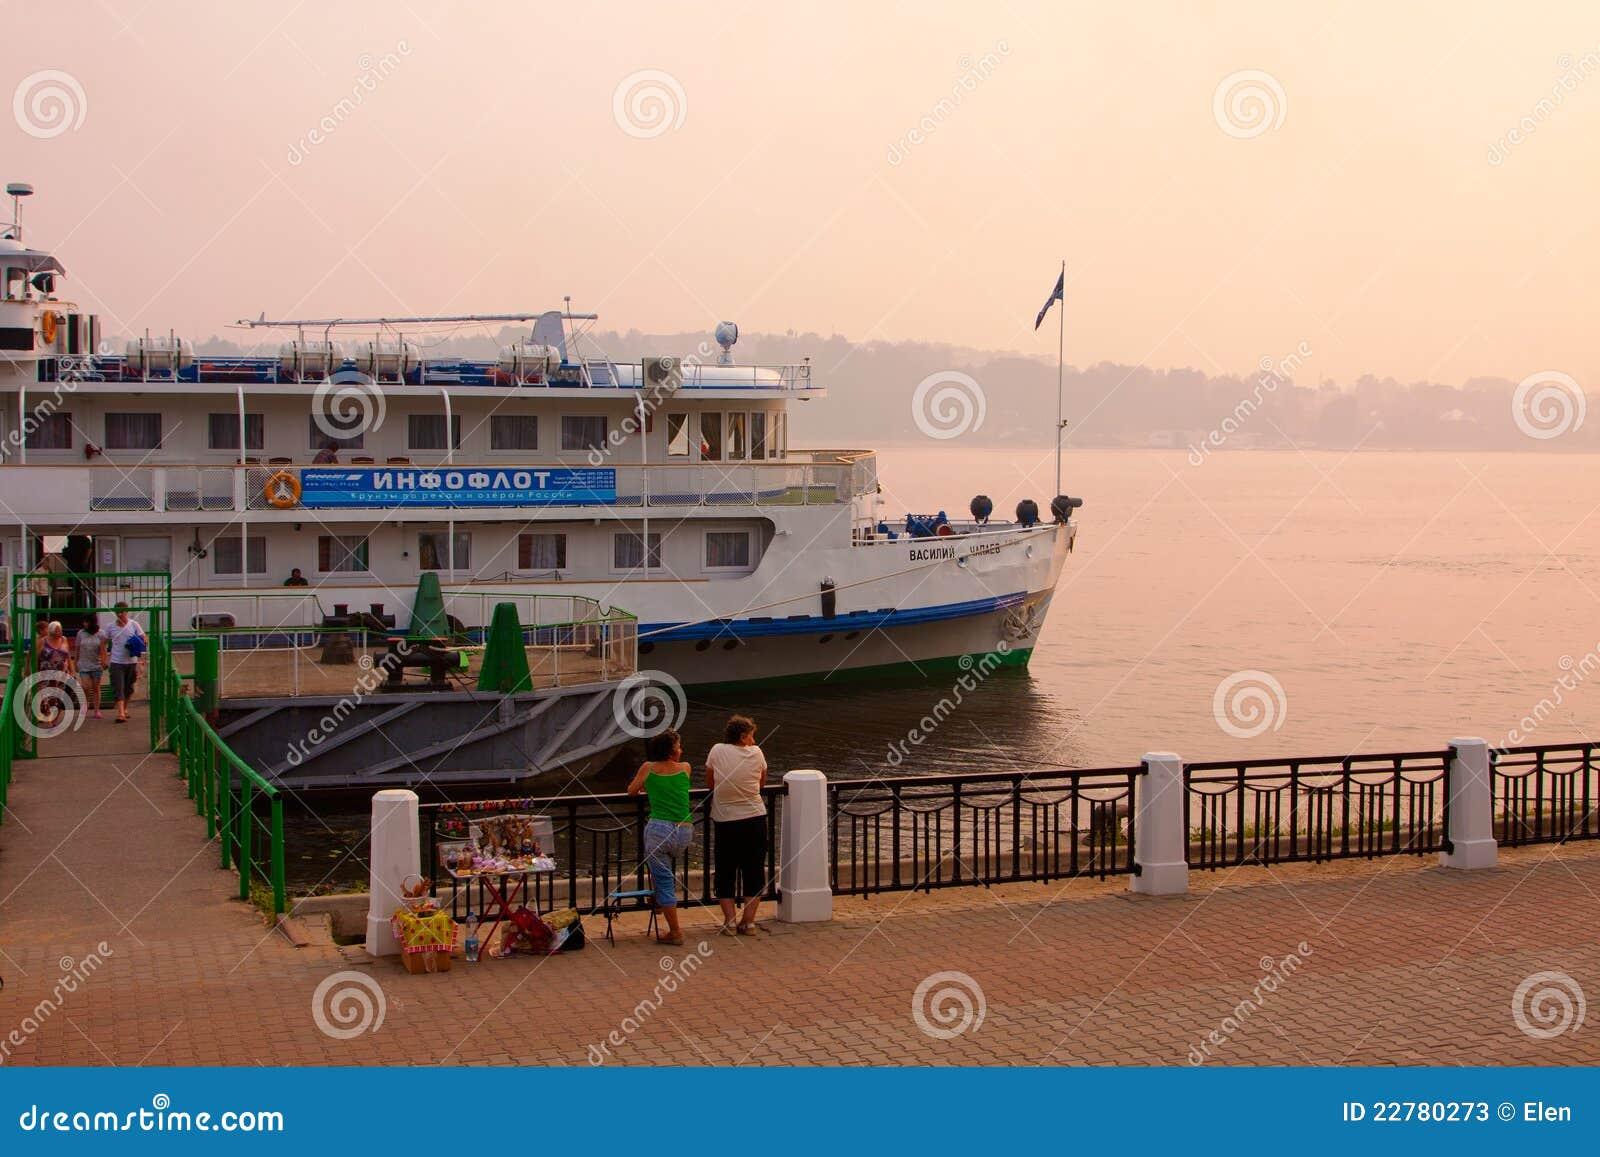 Ποταμός Βόλγας και ταχύπλοο σκάφος